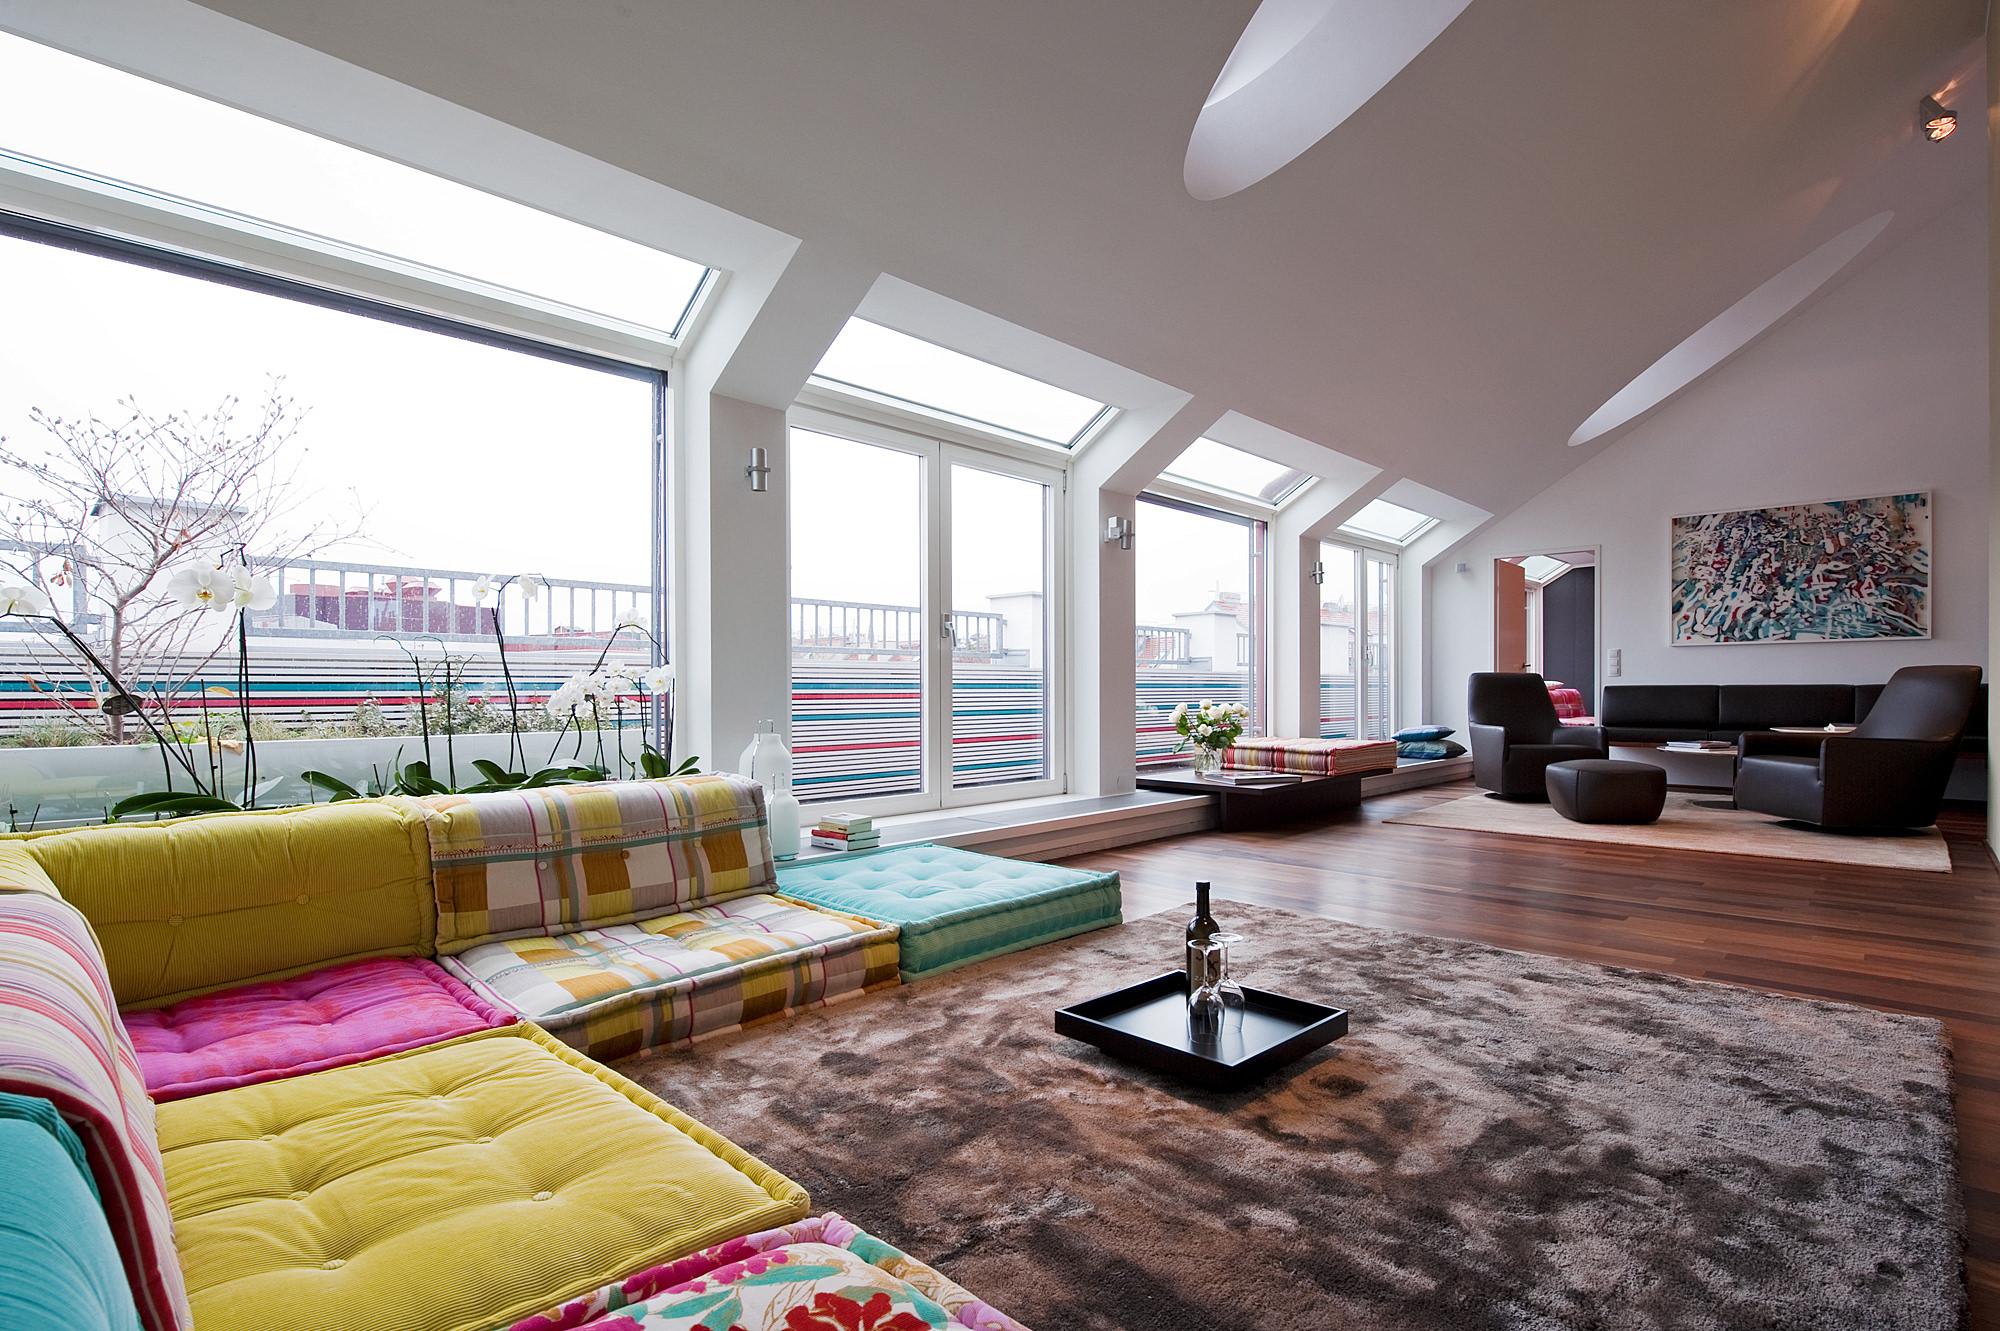 penthouse wien 4 01 umbau und innenraumgestaltung einer dachgeschosswohnung  junger beer architektur